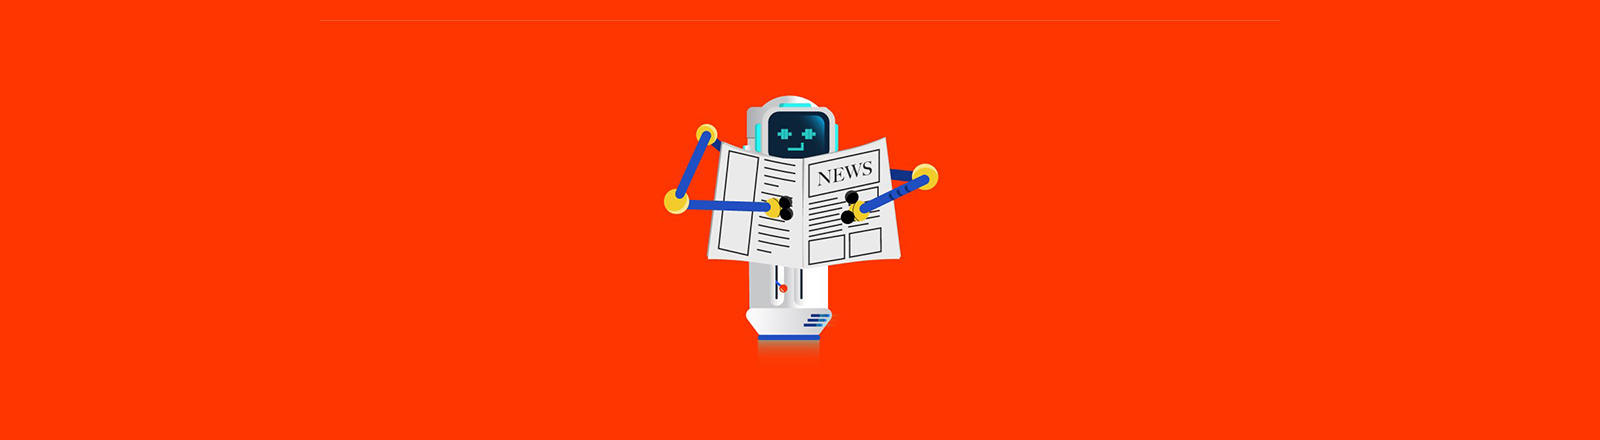 「 追跡拒否 」機能を支持しはじめた、大手媒体社たち:「読者の信頼とビジネス上の利点は、両立する」 | DIGIDAY[日本版]